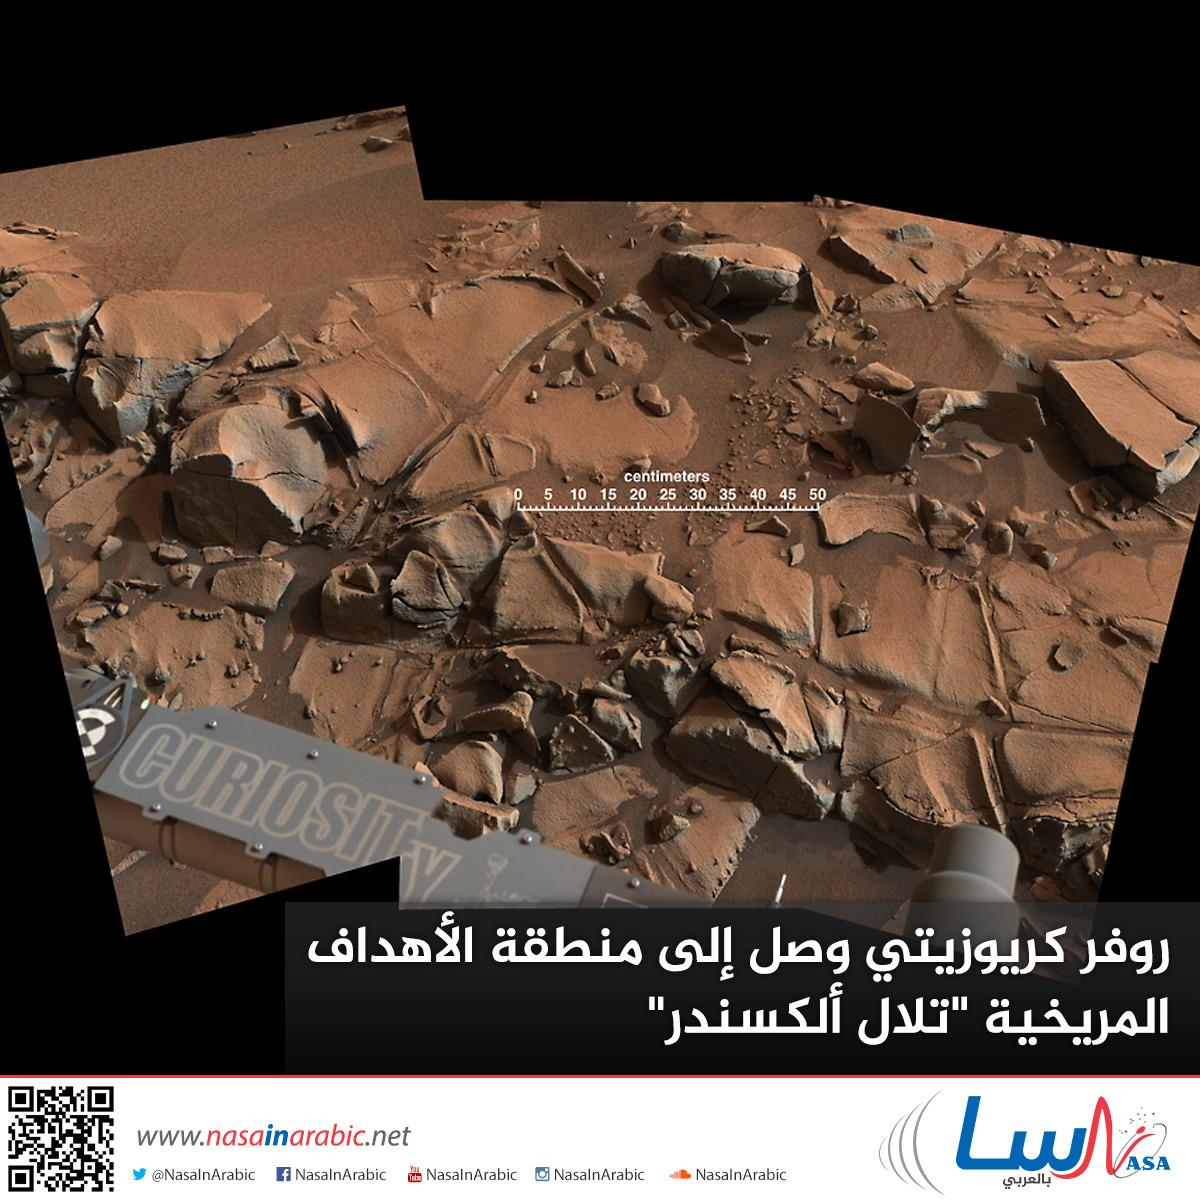 روفر كريوزيتي وصل إلى منطقة الأهداف المريخية